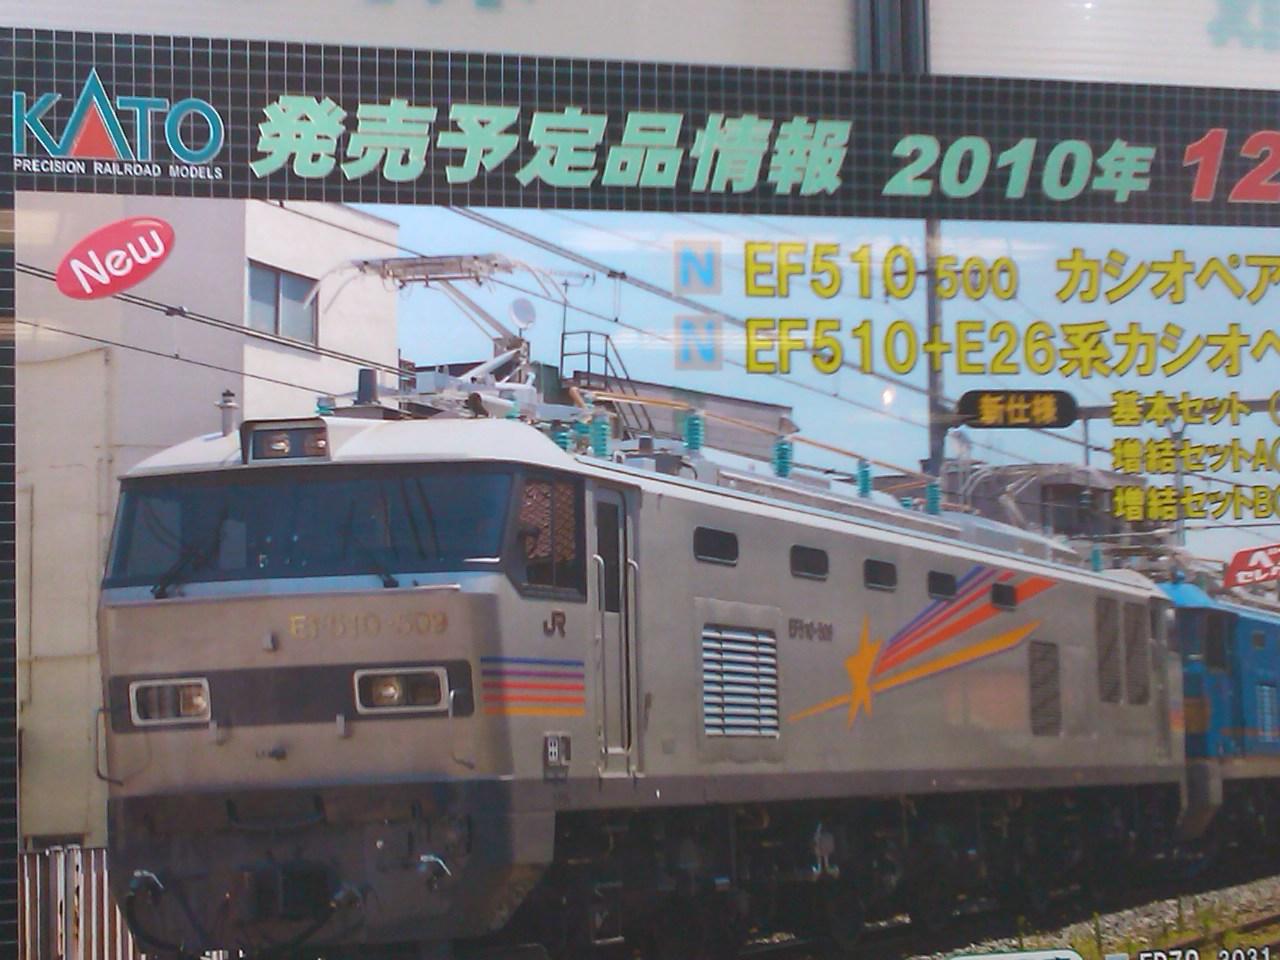 Sn3n0051